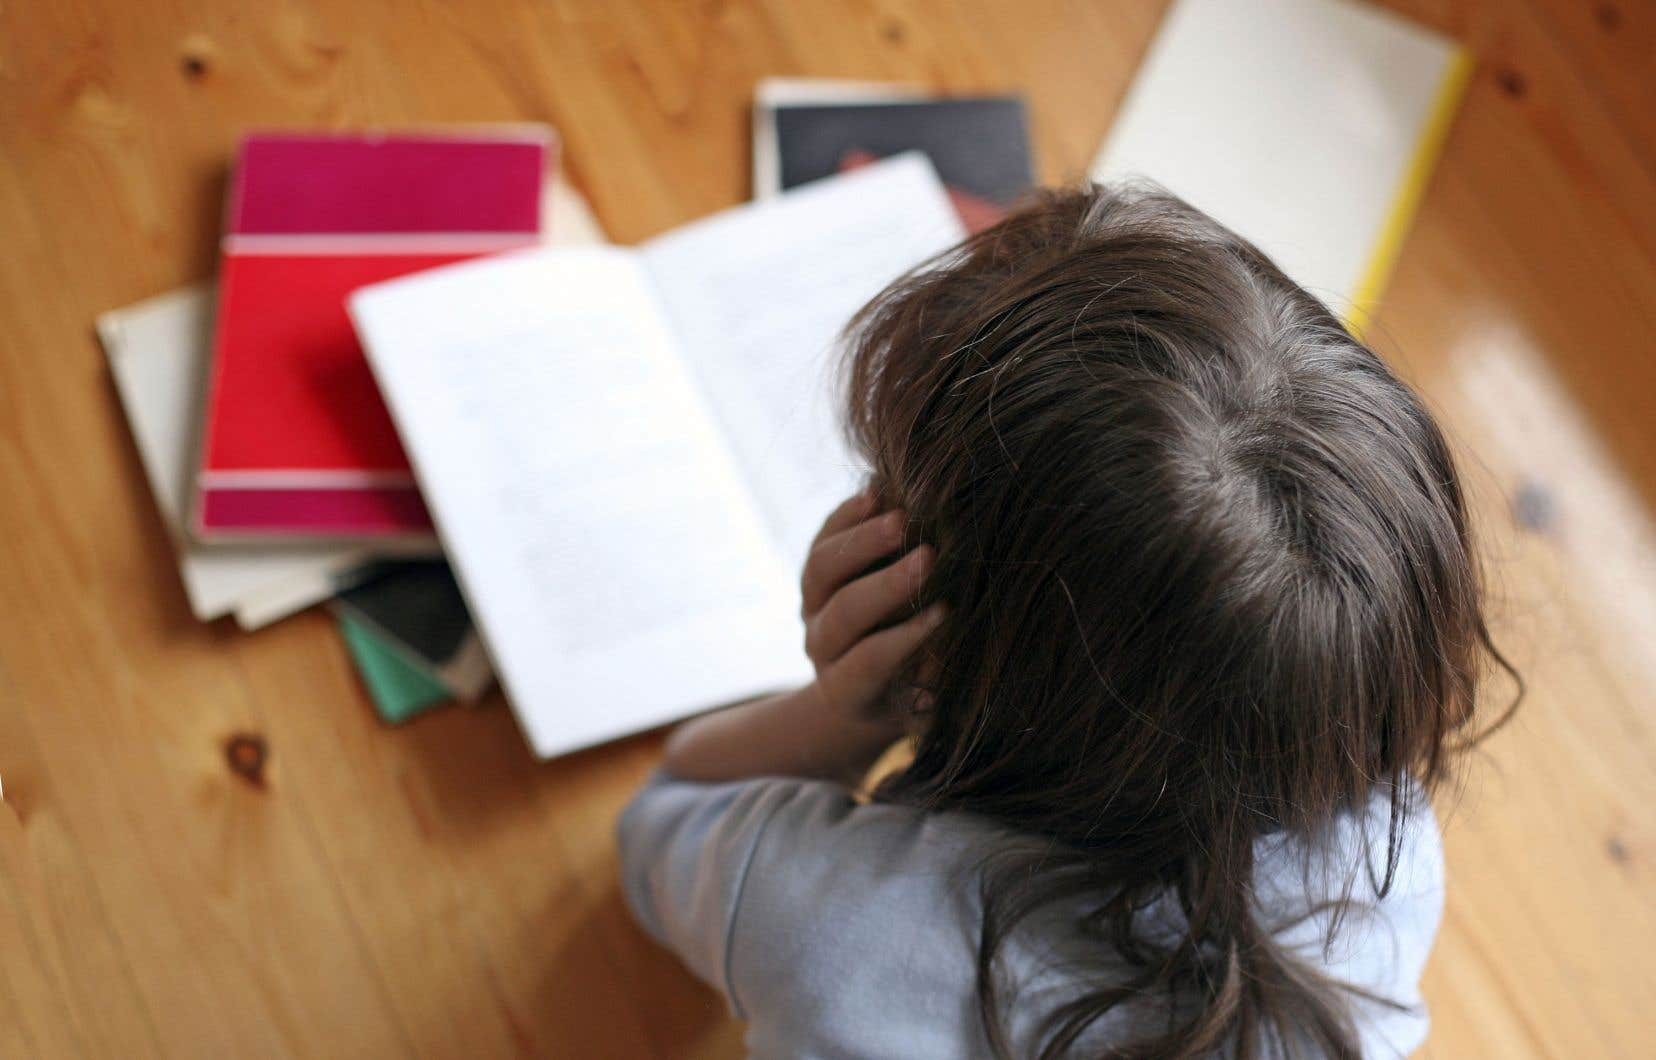 68 commissions scolaires ont dû rembourser des fournitures scolaires et services qui auraient dû être gratuits en vertu de la Loi sur l'instruction publique.